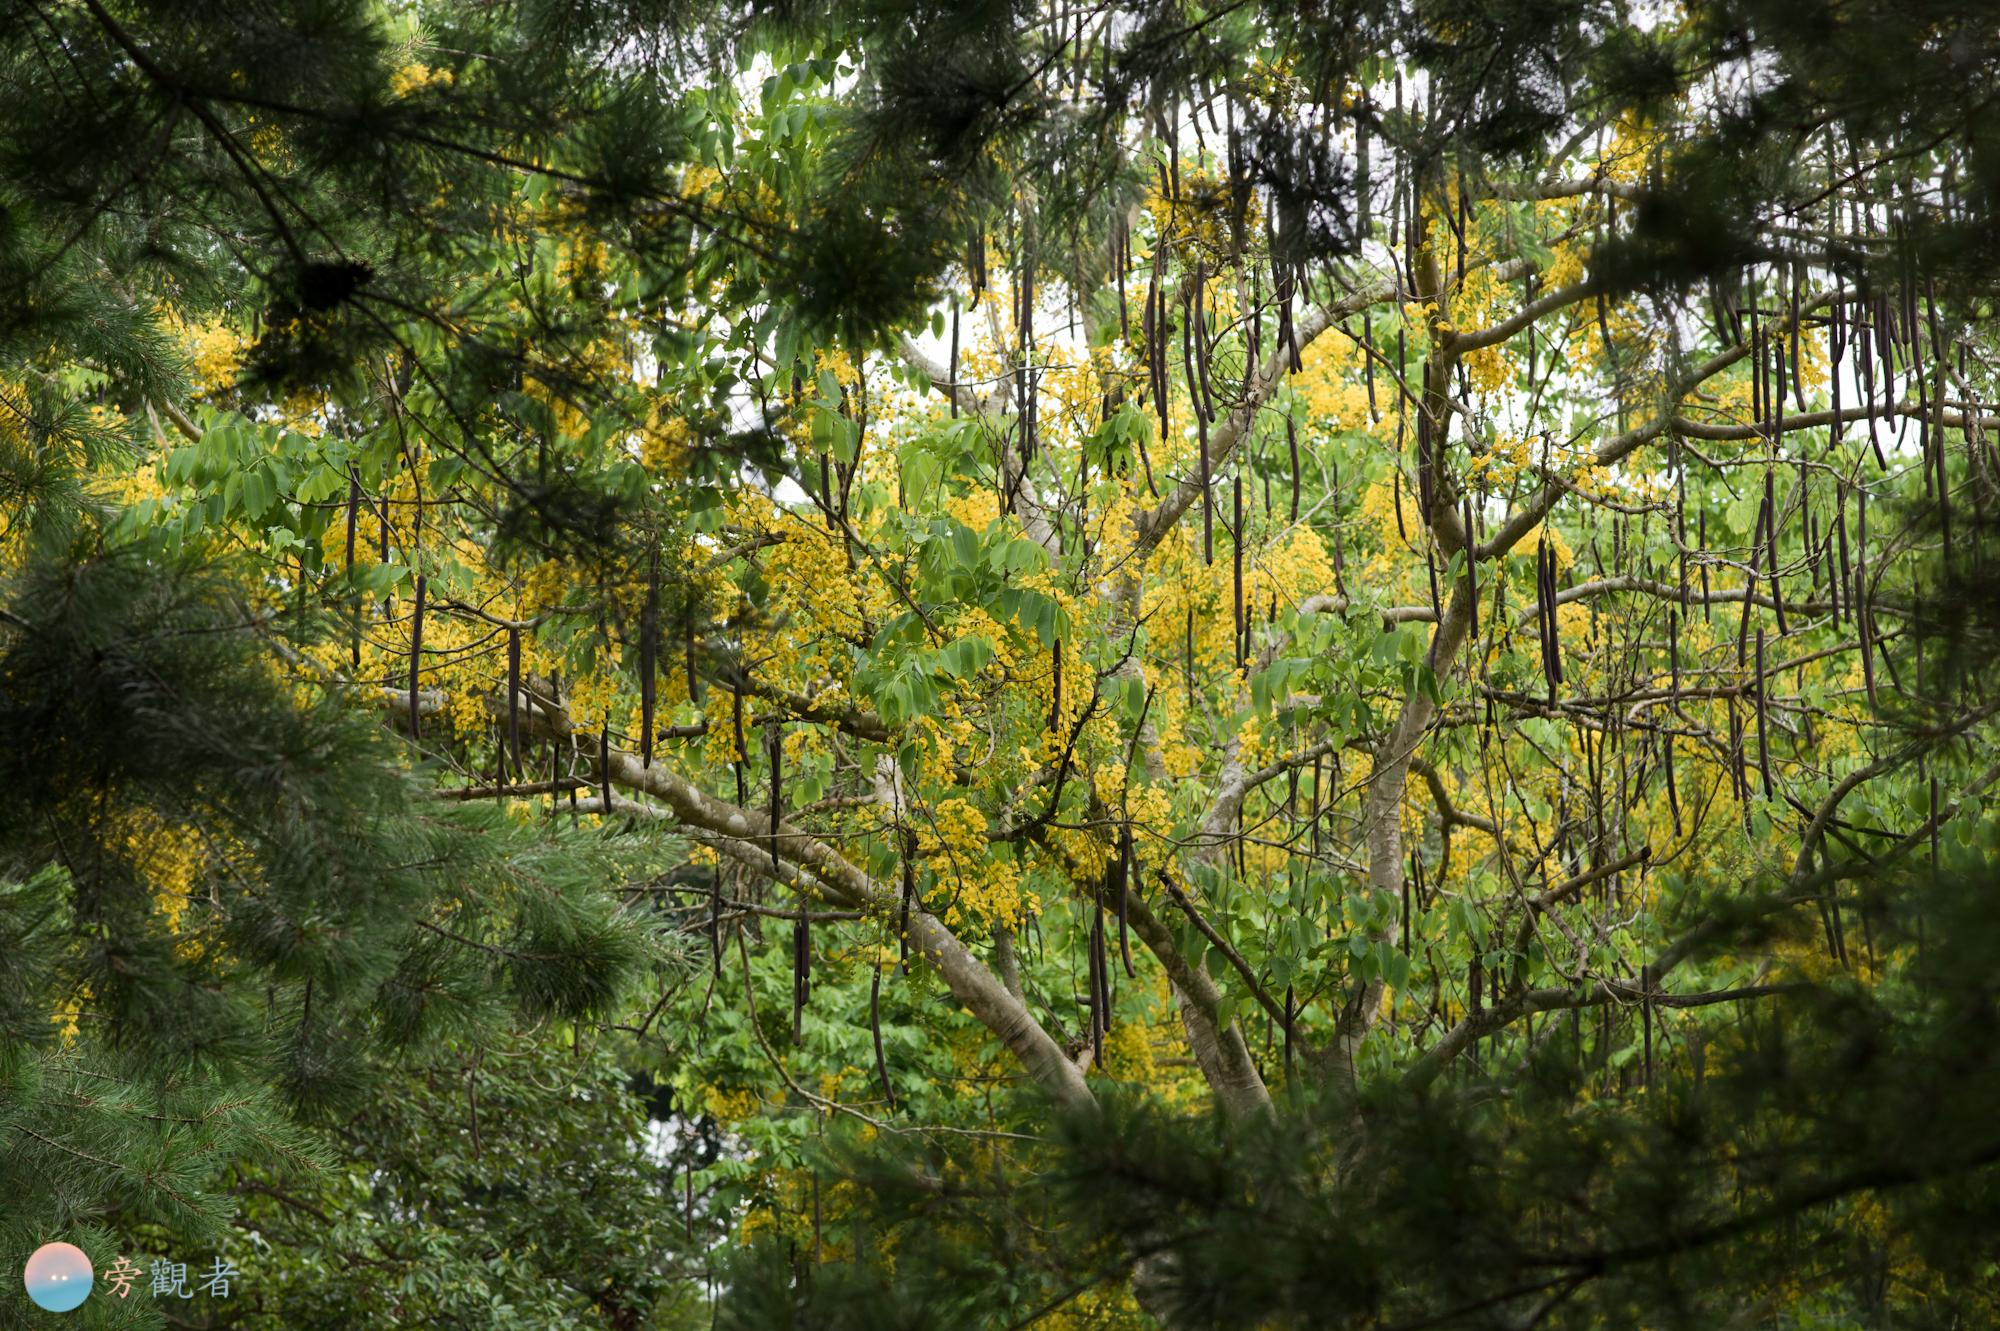 暨南大學校園的阿勃勒樹林。南投埔里桃米